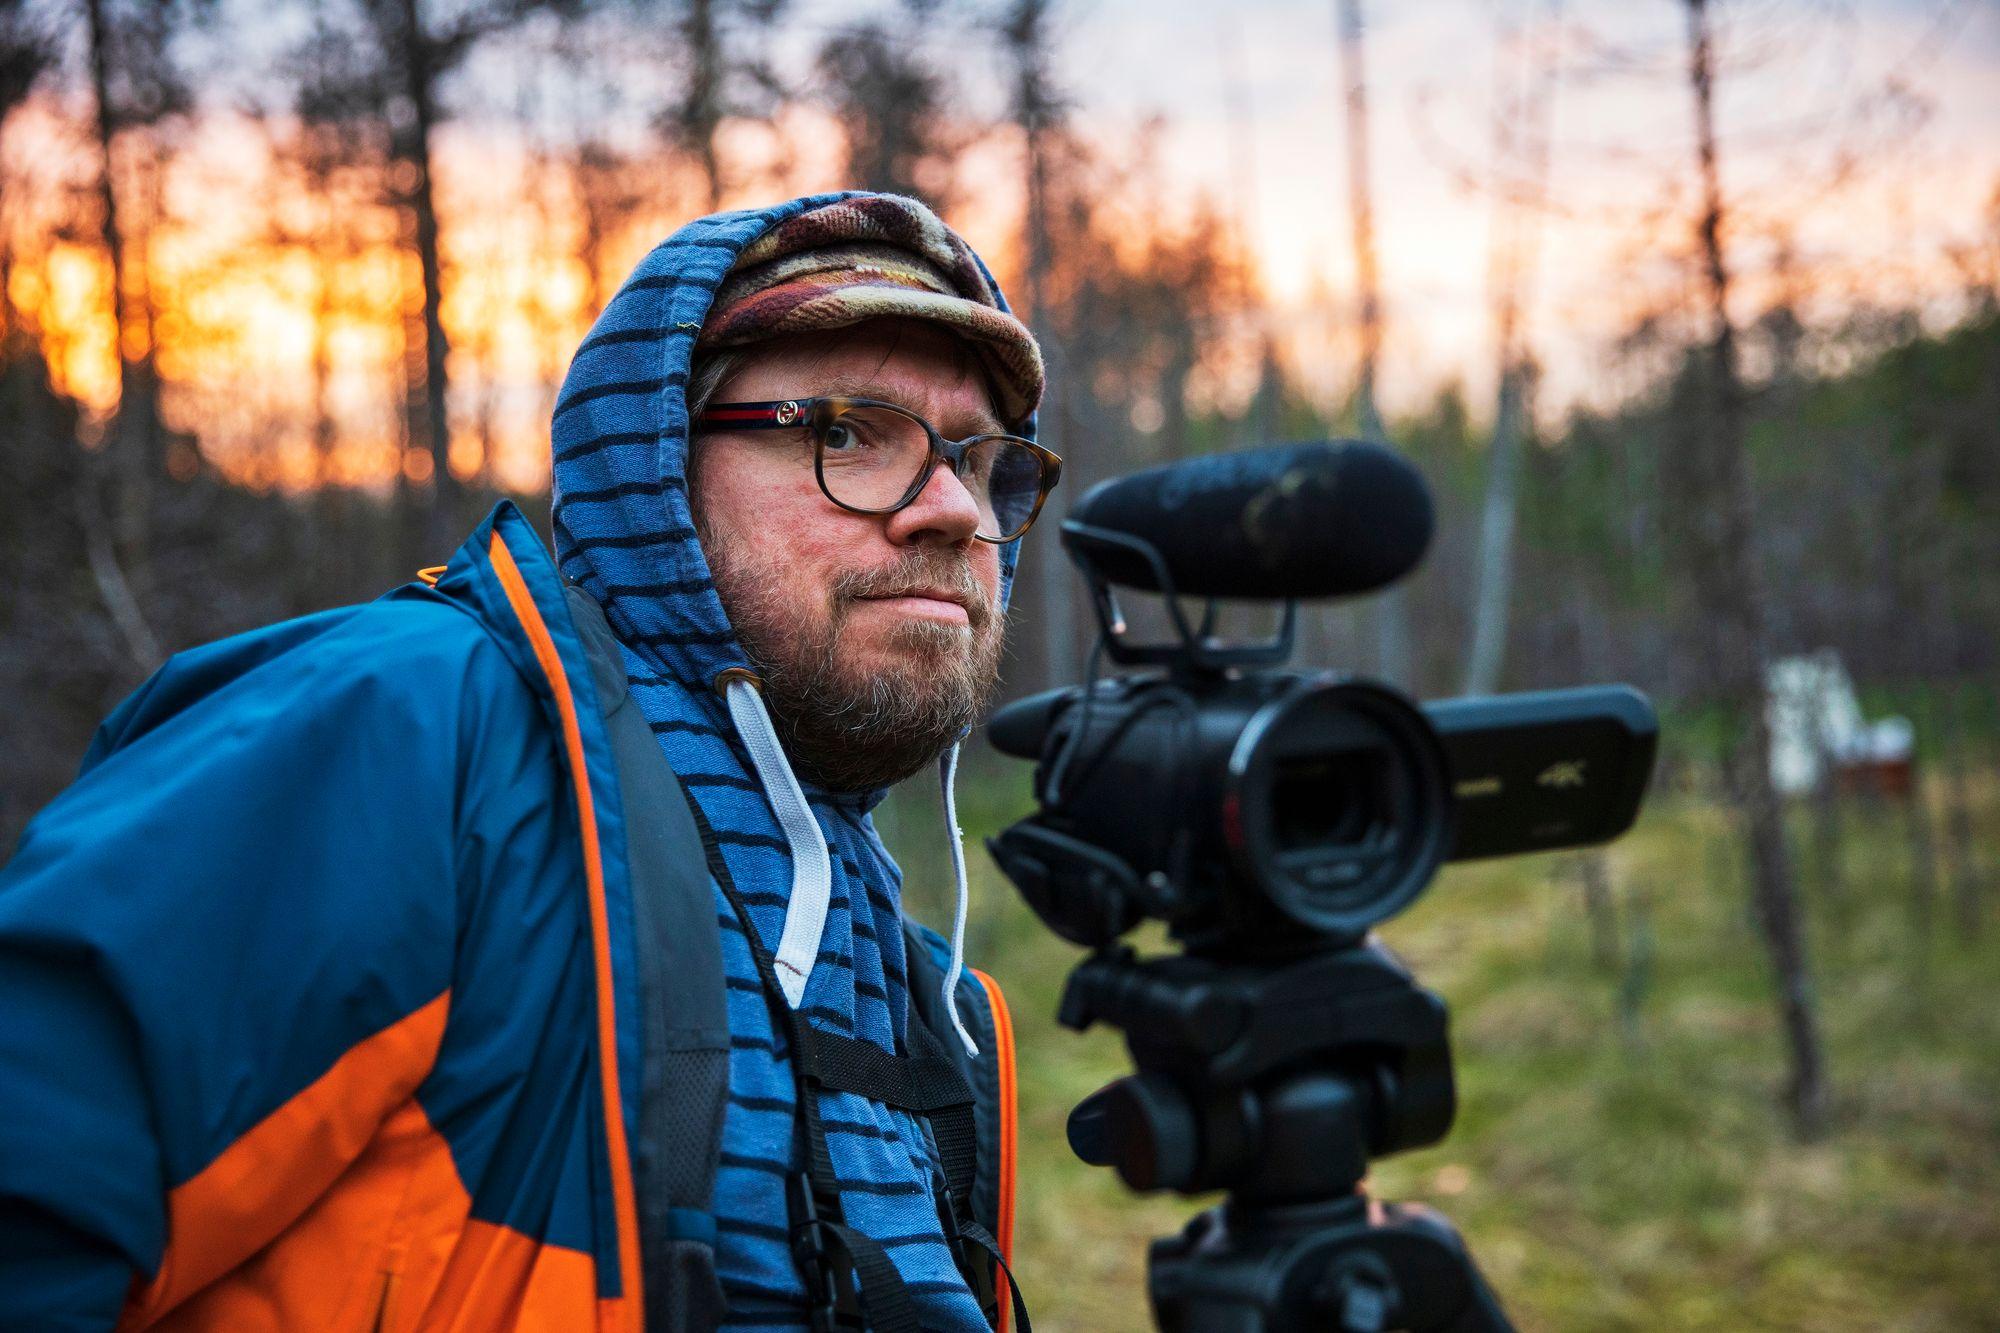 """""""Sarastus on aktiivisin tunti. Kun puihin tulee valoa, linnut heräävät"""", Pepe Forsberg sanoo. Metsä on lähellä miehen sydäntä.© Tommi Mattila"""